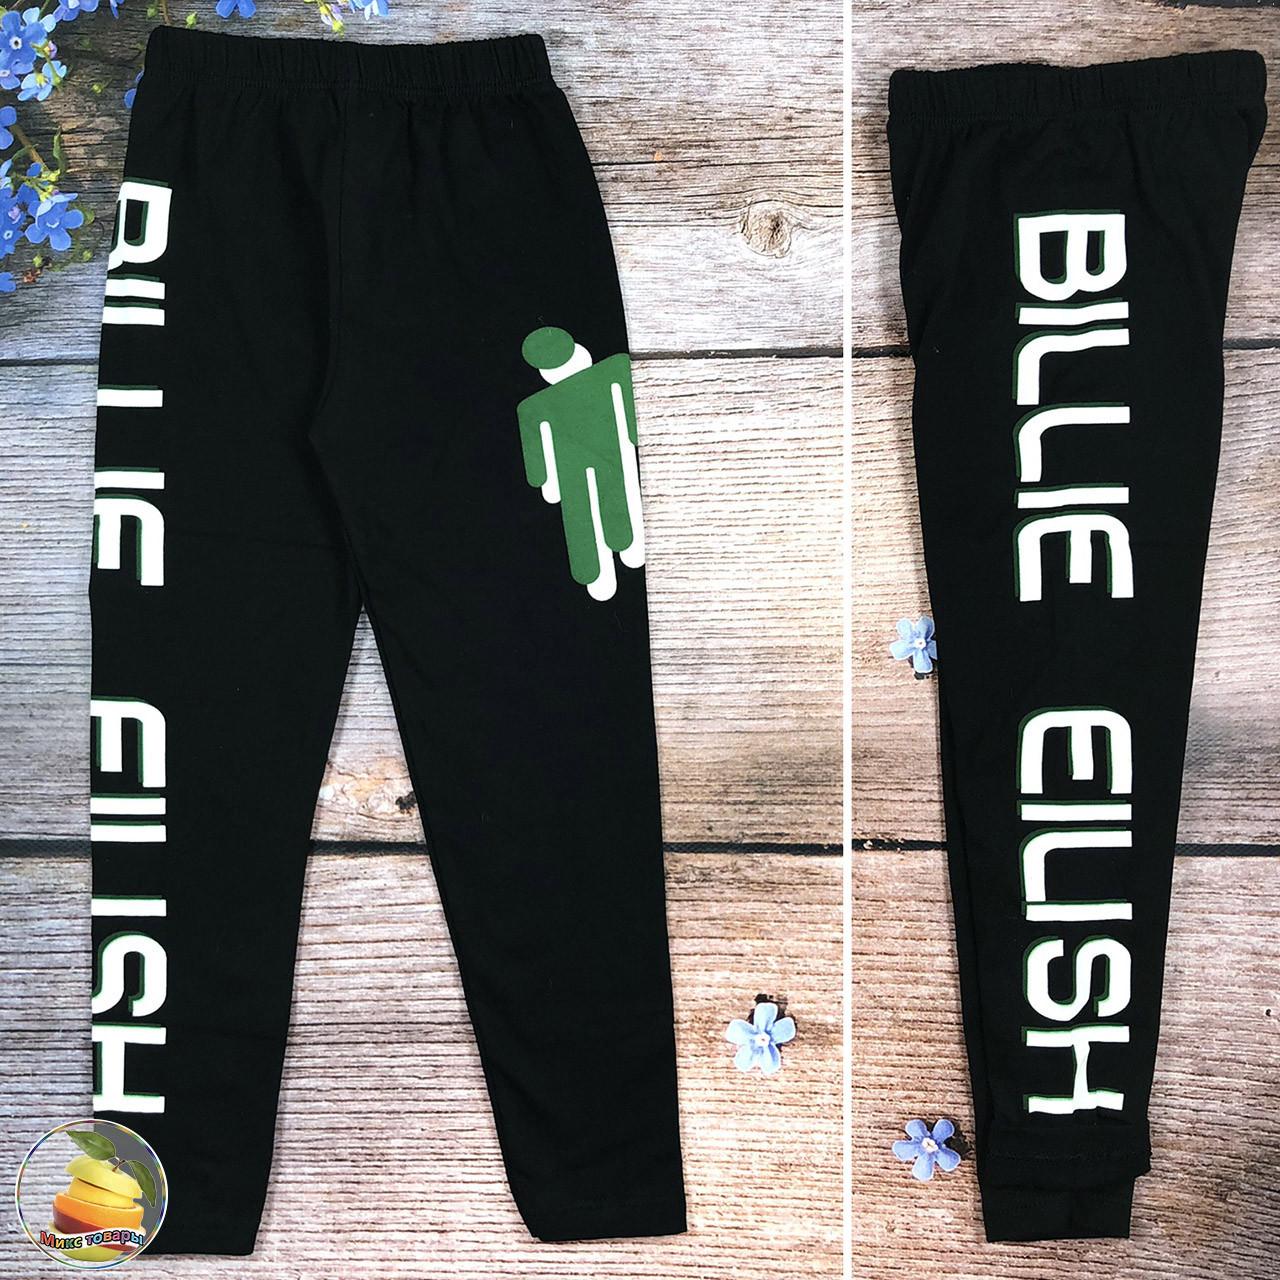 """Чёрные лосины с начёсом """"Billie Eilish"""" Размеры: 4,5,6,7,8 лет (20635-2)"""